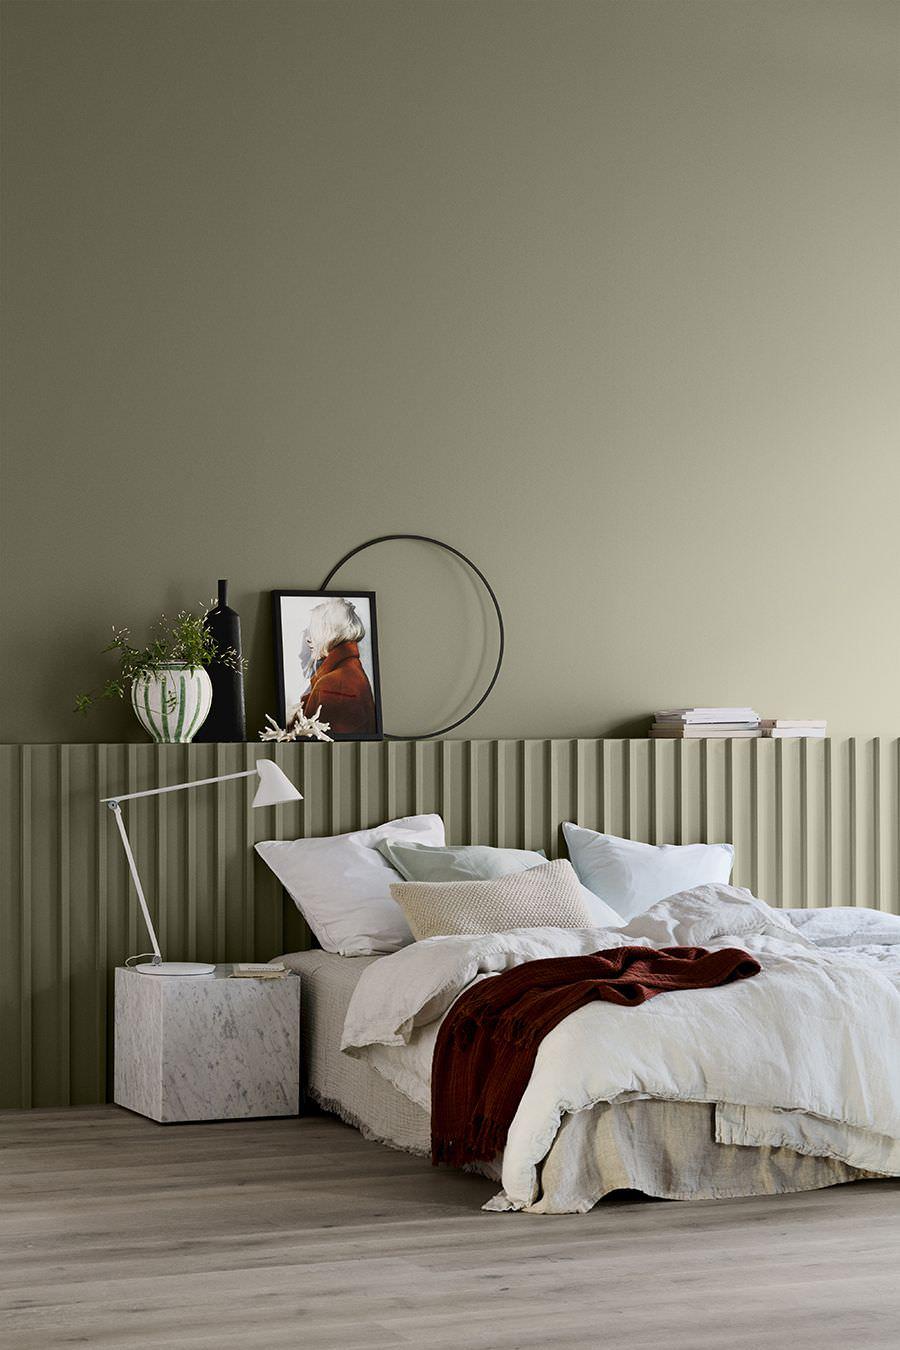 طراحی داخلی اتاق خواب مدرن و ساده با دیوارهای طوسی رنگ که با استفاده از تکرار در آن ریتم ایجاد شده است